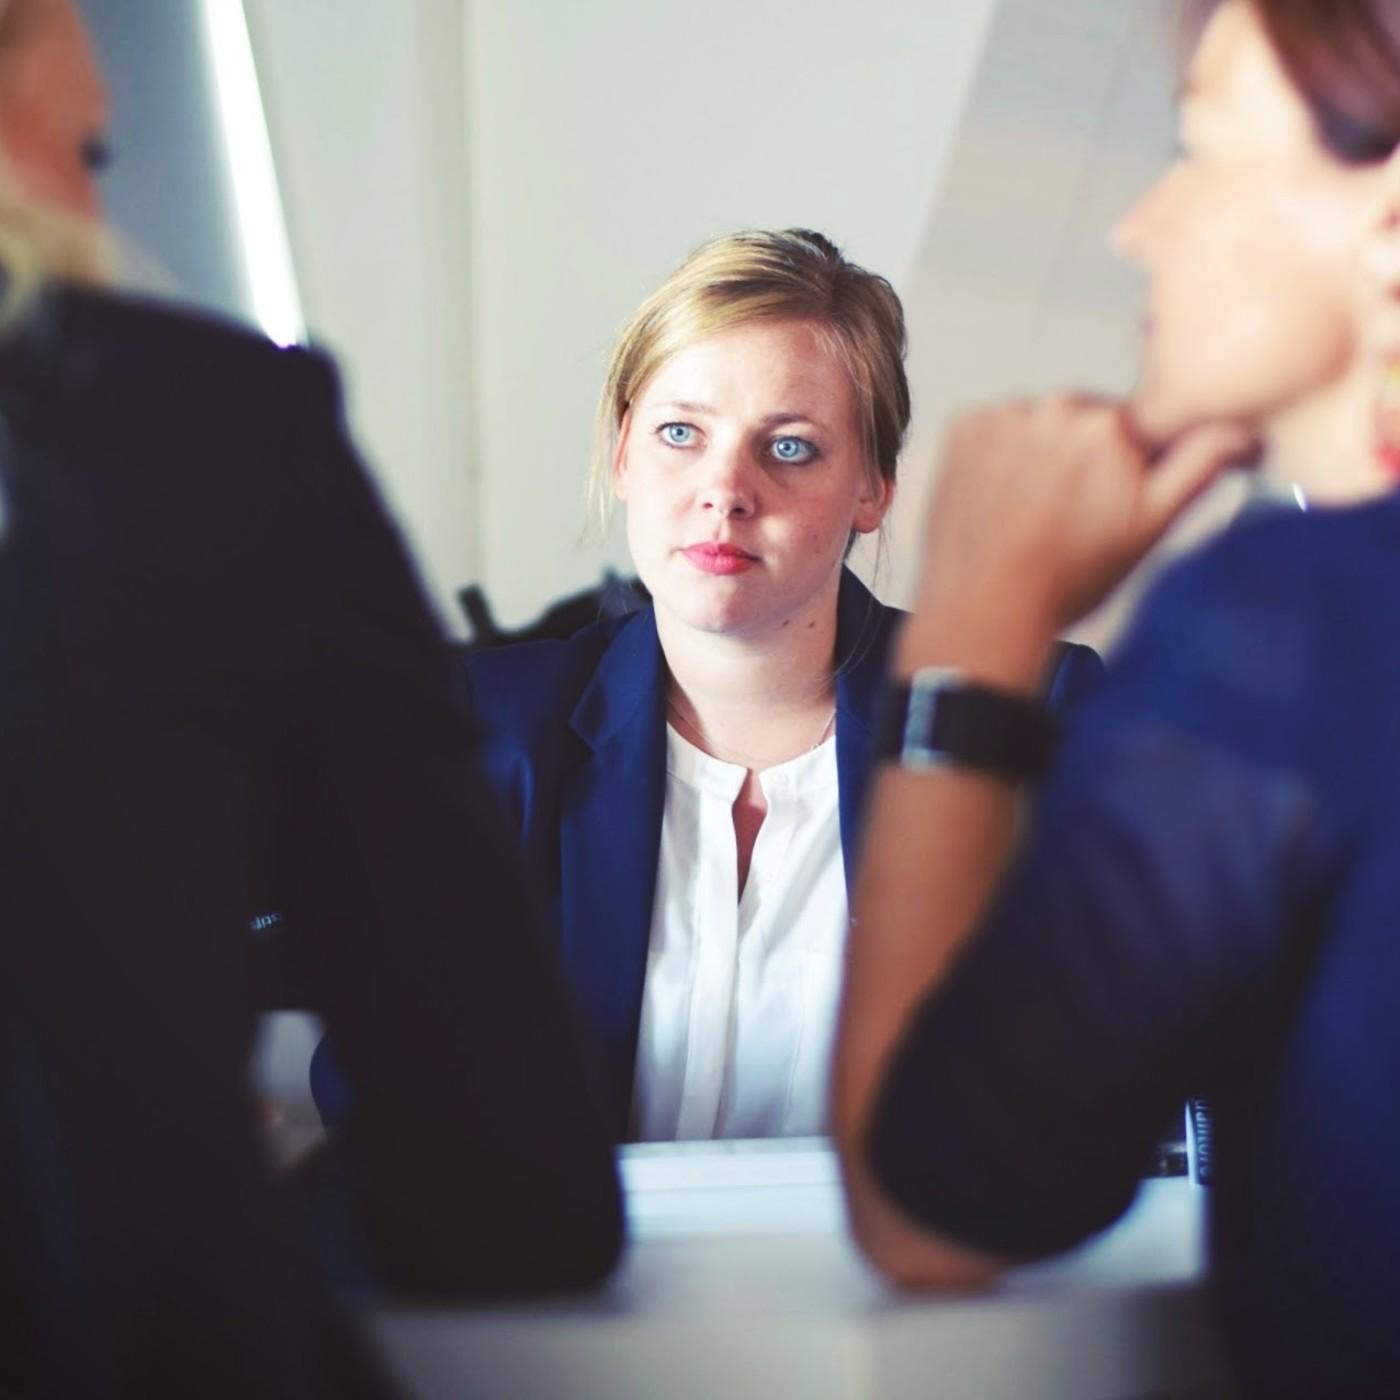 Consejos y experiencias sobre entrevistas de trabajo en tecnología - 01x10